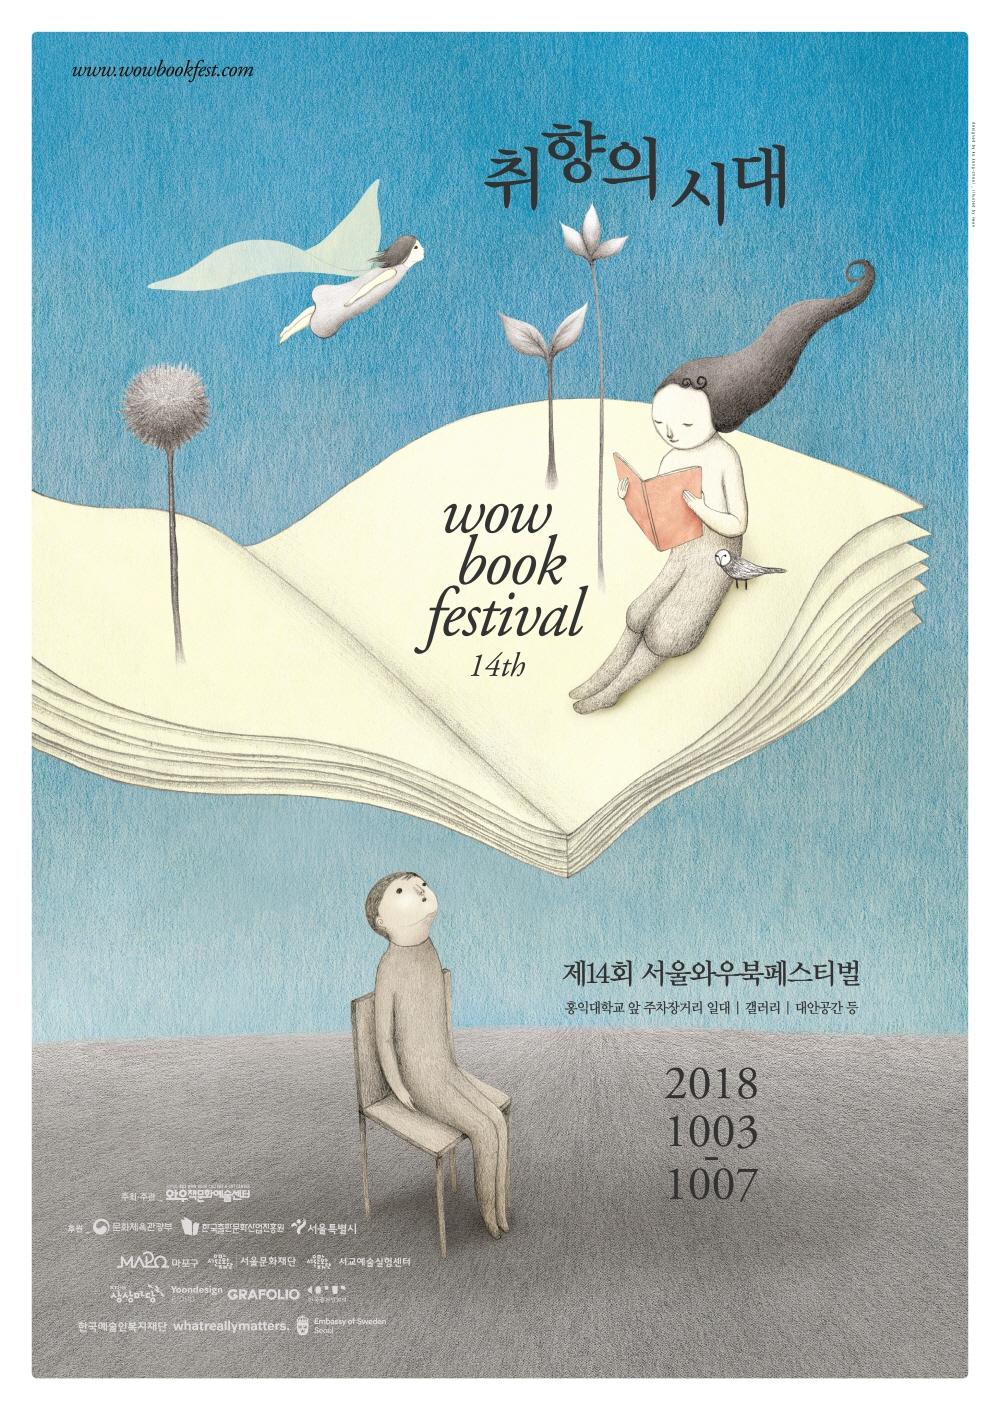 와우북 포스터_최종.jpg